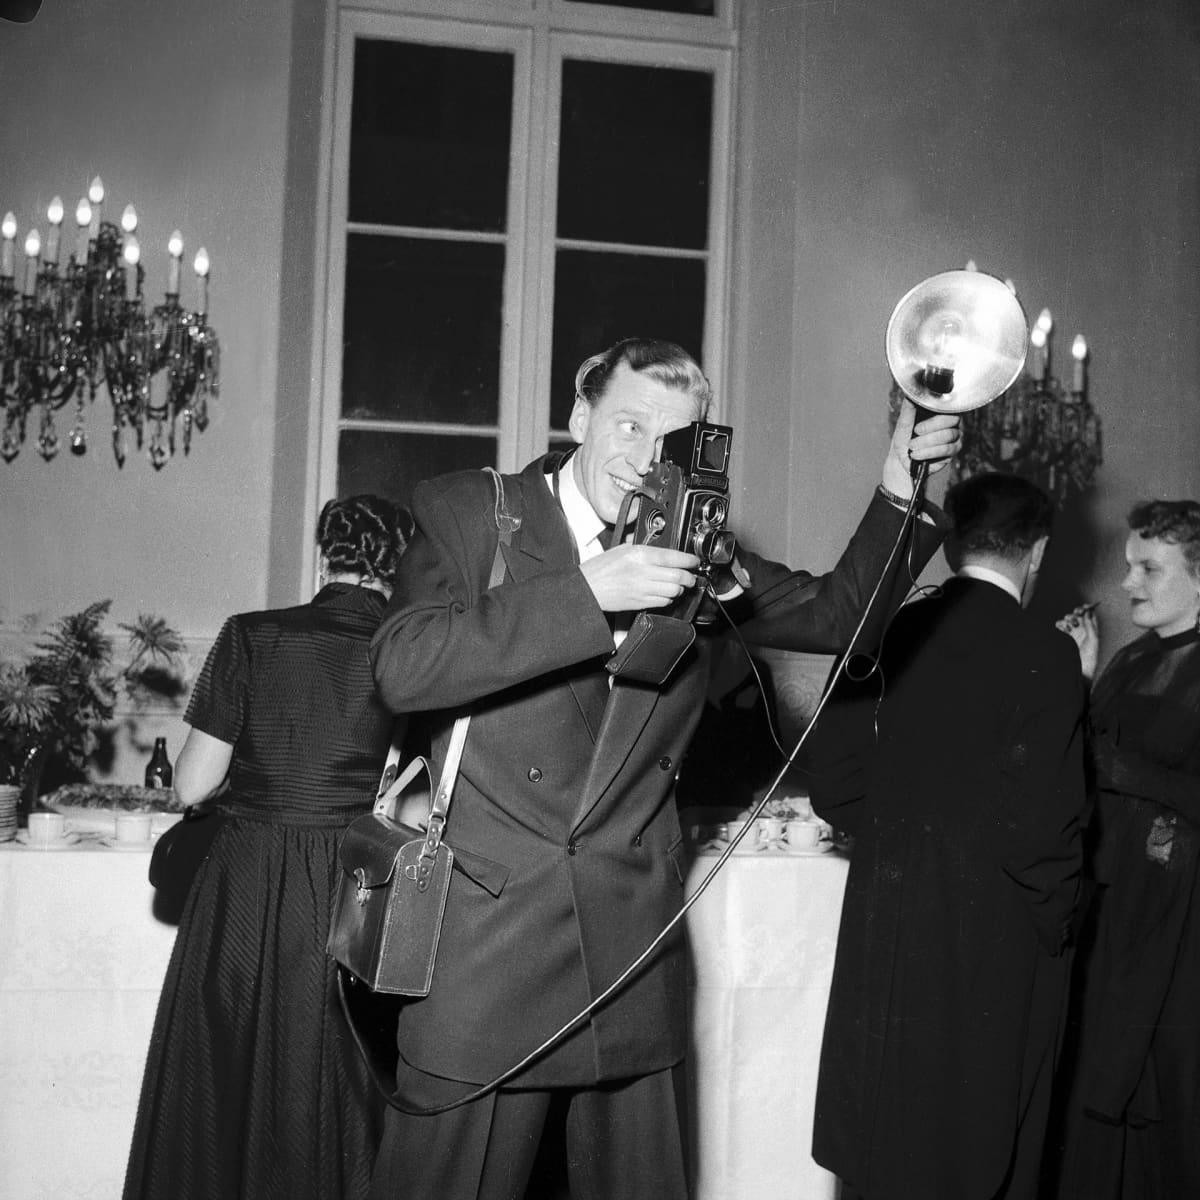 Lehtikuvan valokuvaaja Reino Loppinen kuvaamassa Presidentinlinnan itsenäisyyspäivänjuhlilla 1954.